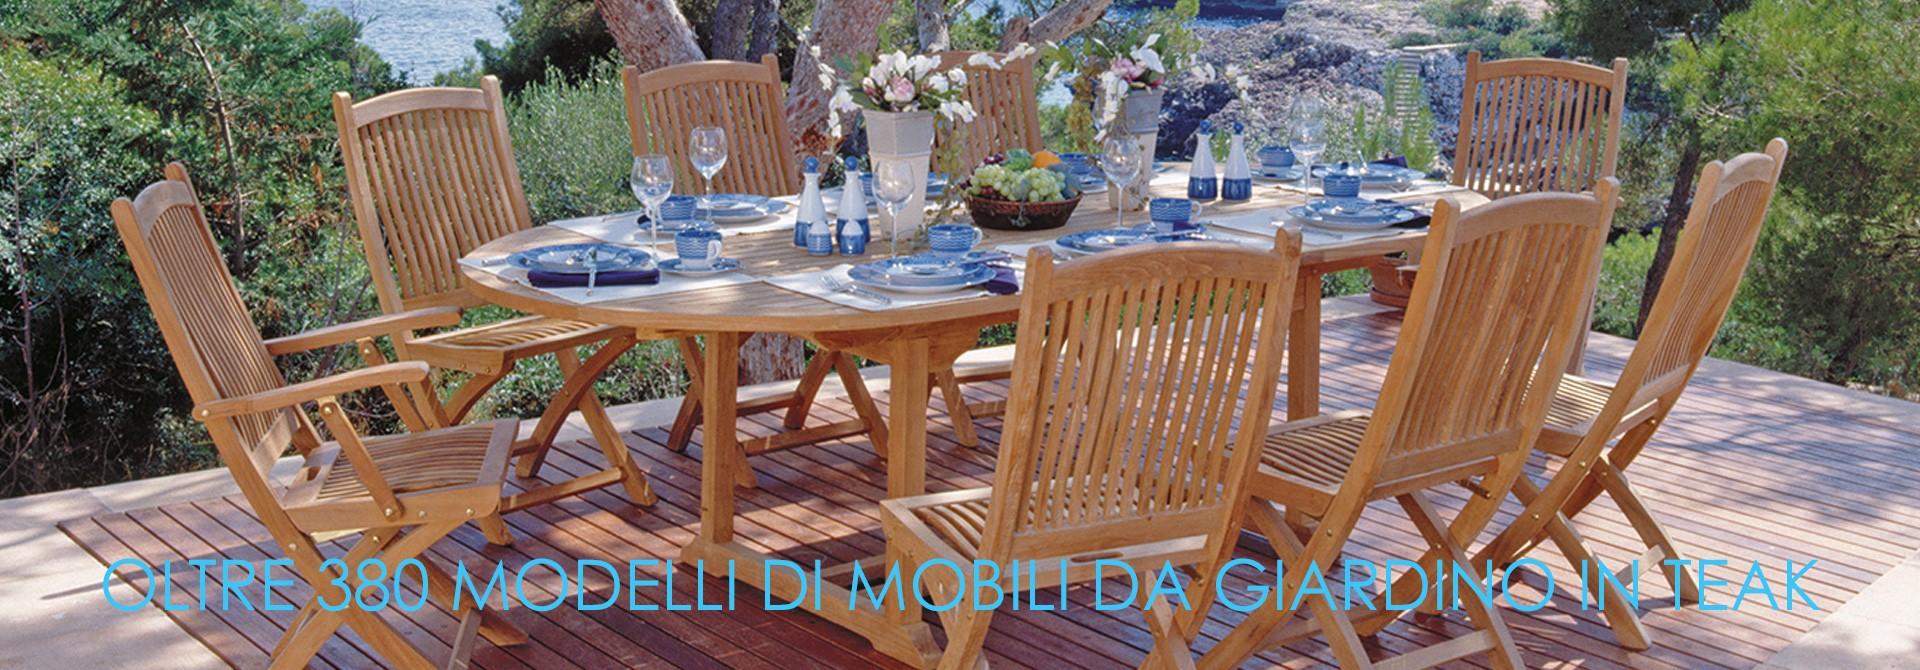 mobili in teak per giardino